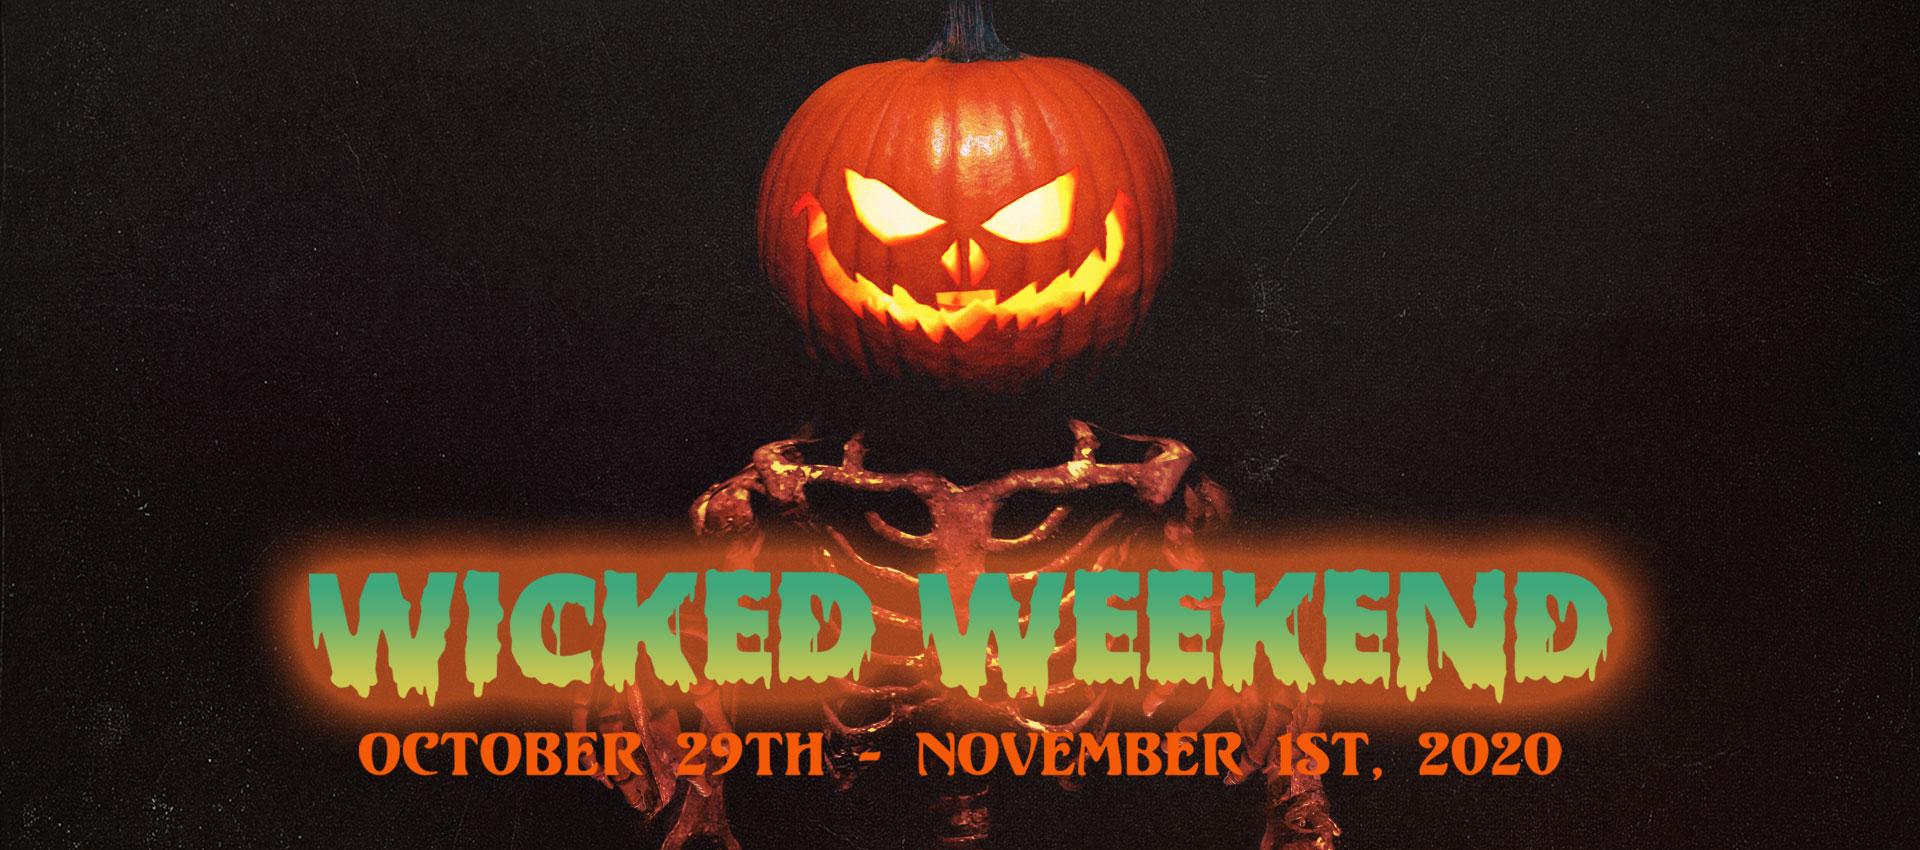 Popcorn Frights Wicked Weekend